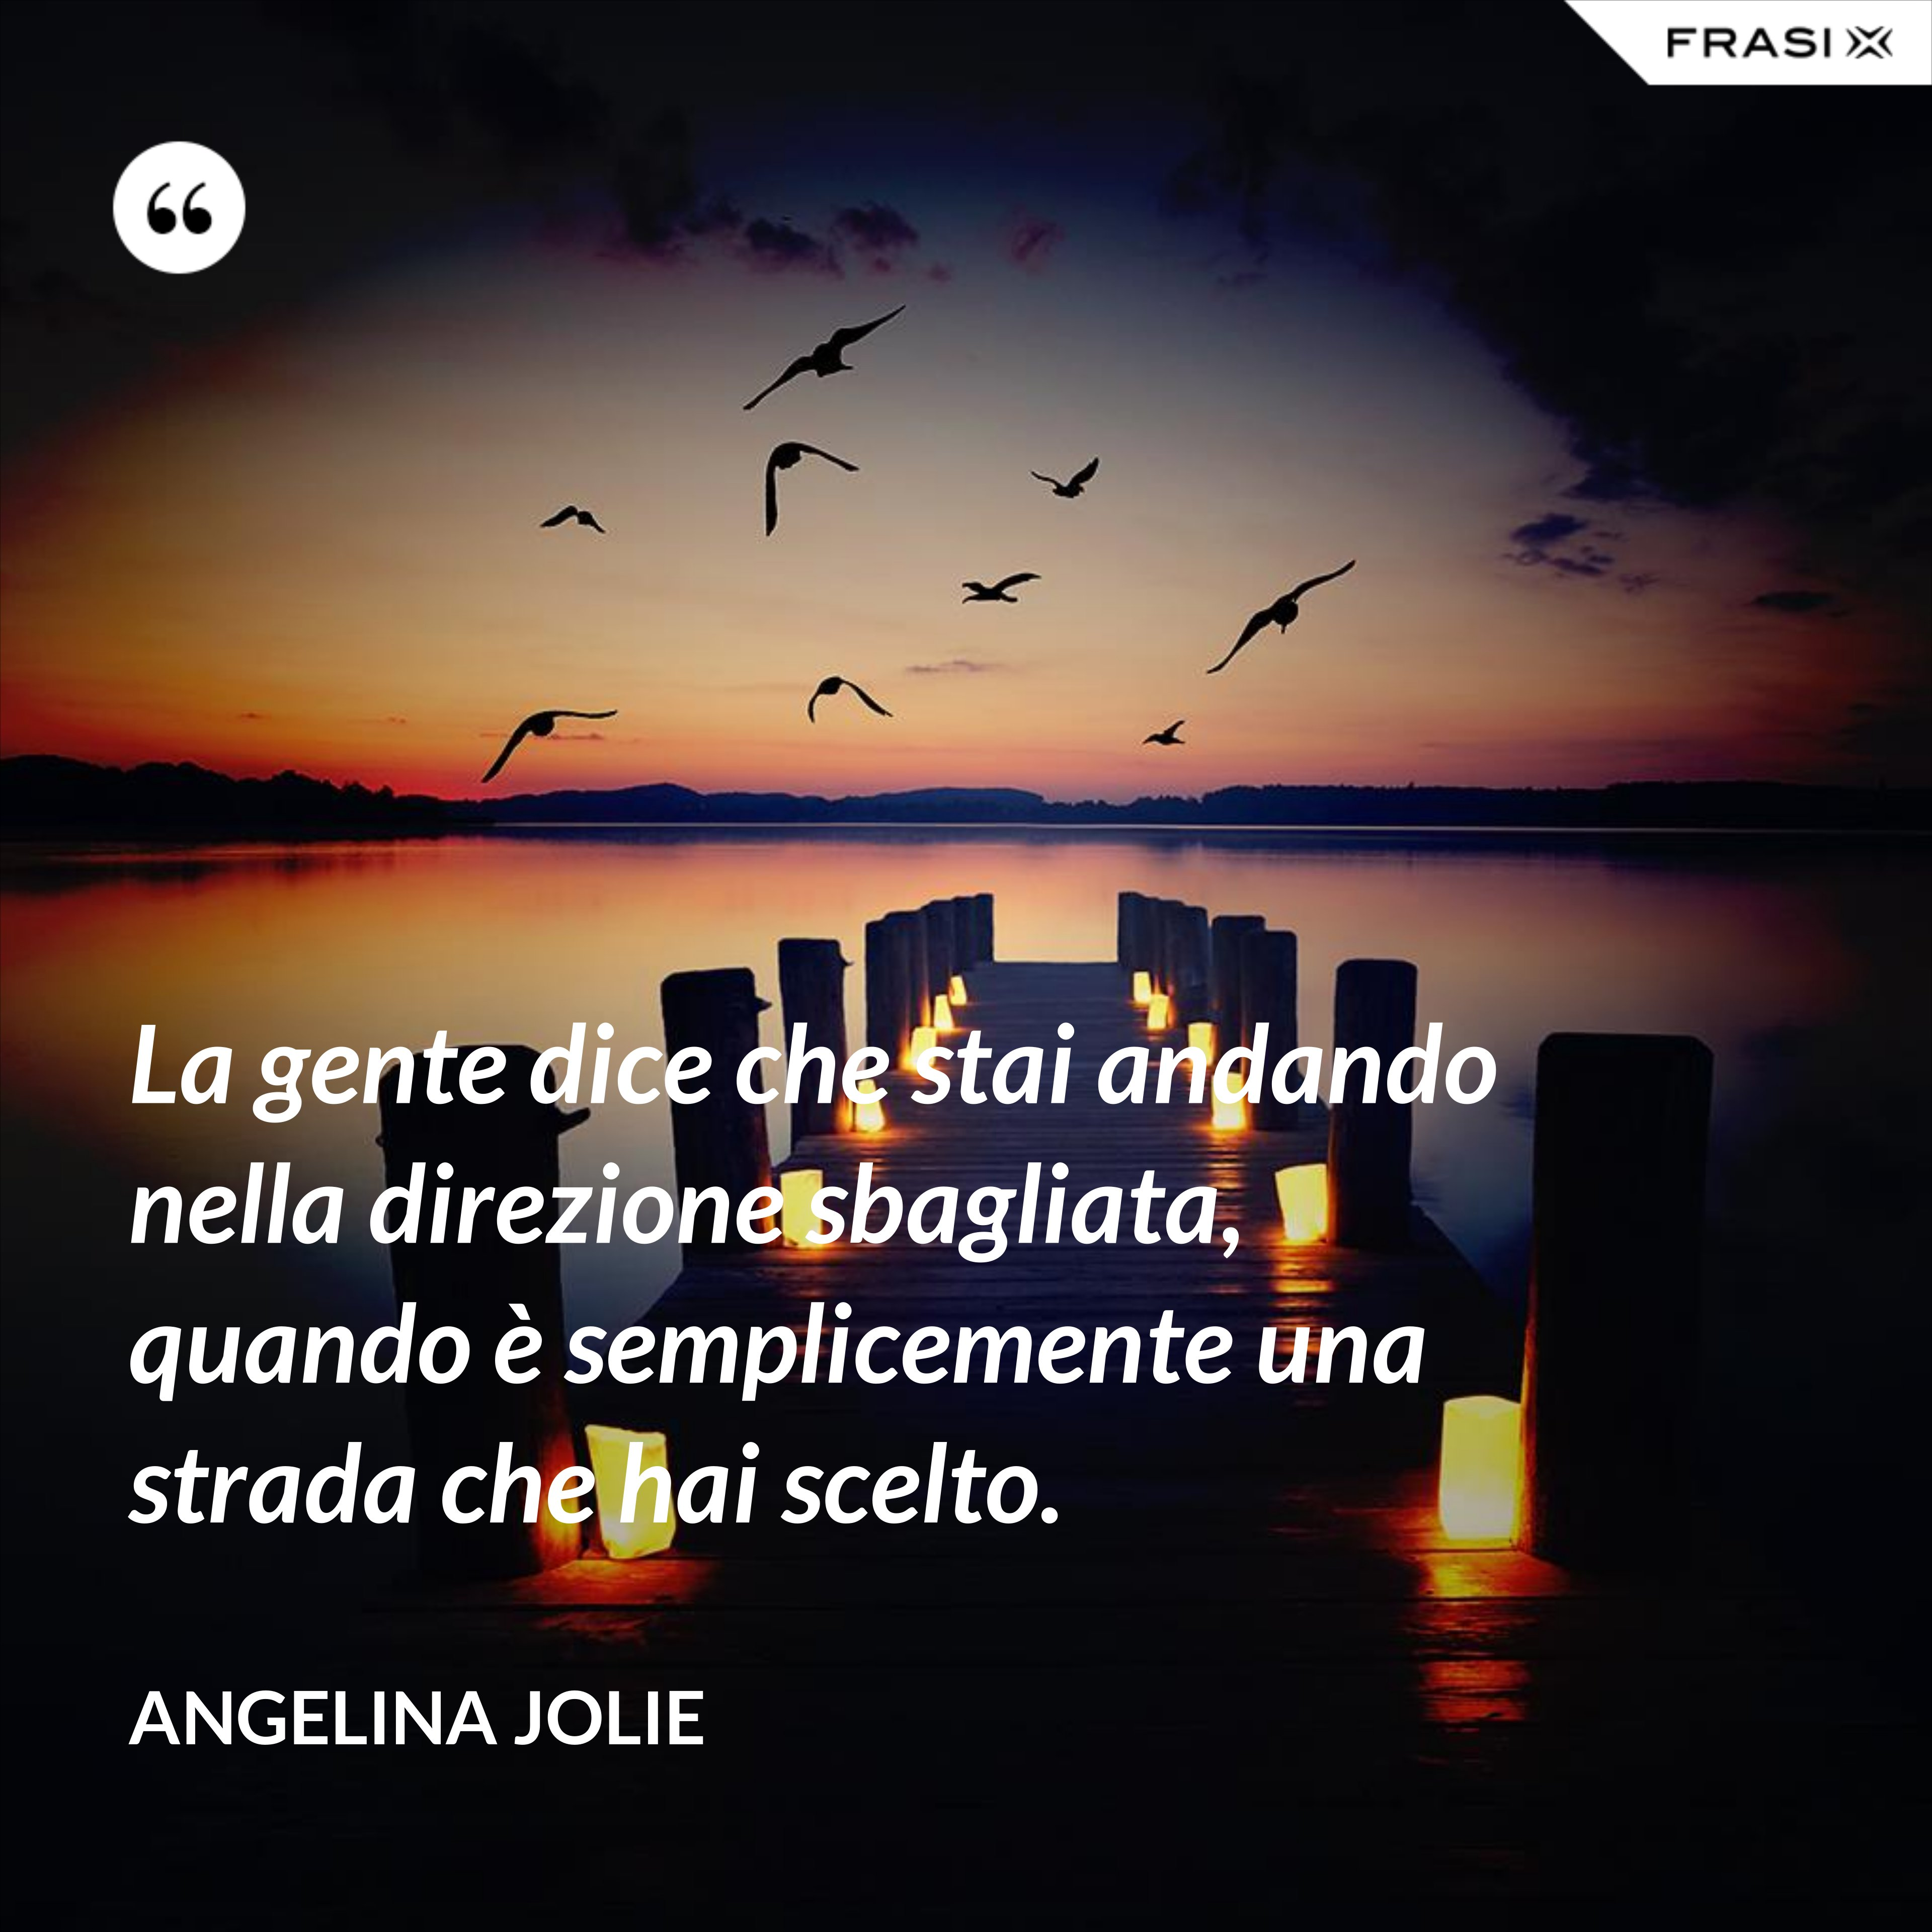 La gente dice che stai andando nella direzione sbagliata, quando è semplicemente una strada che hai scelto. - Angelina Jolie